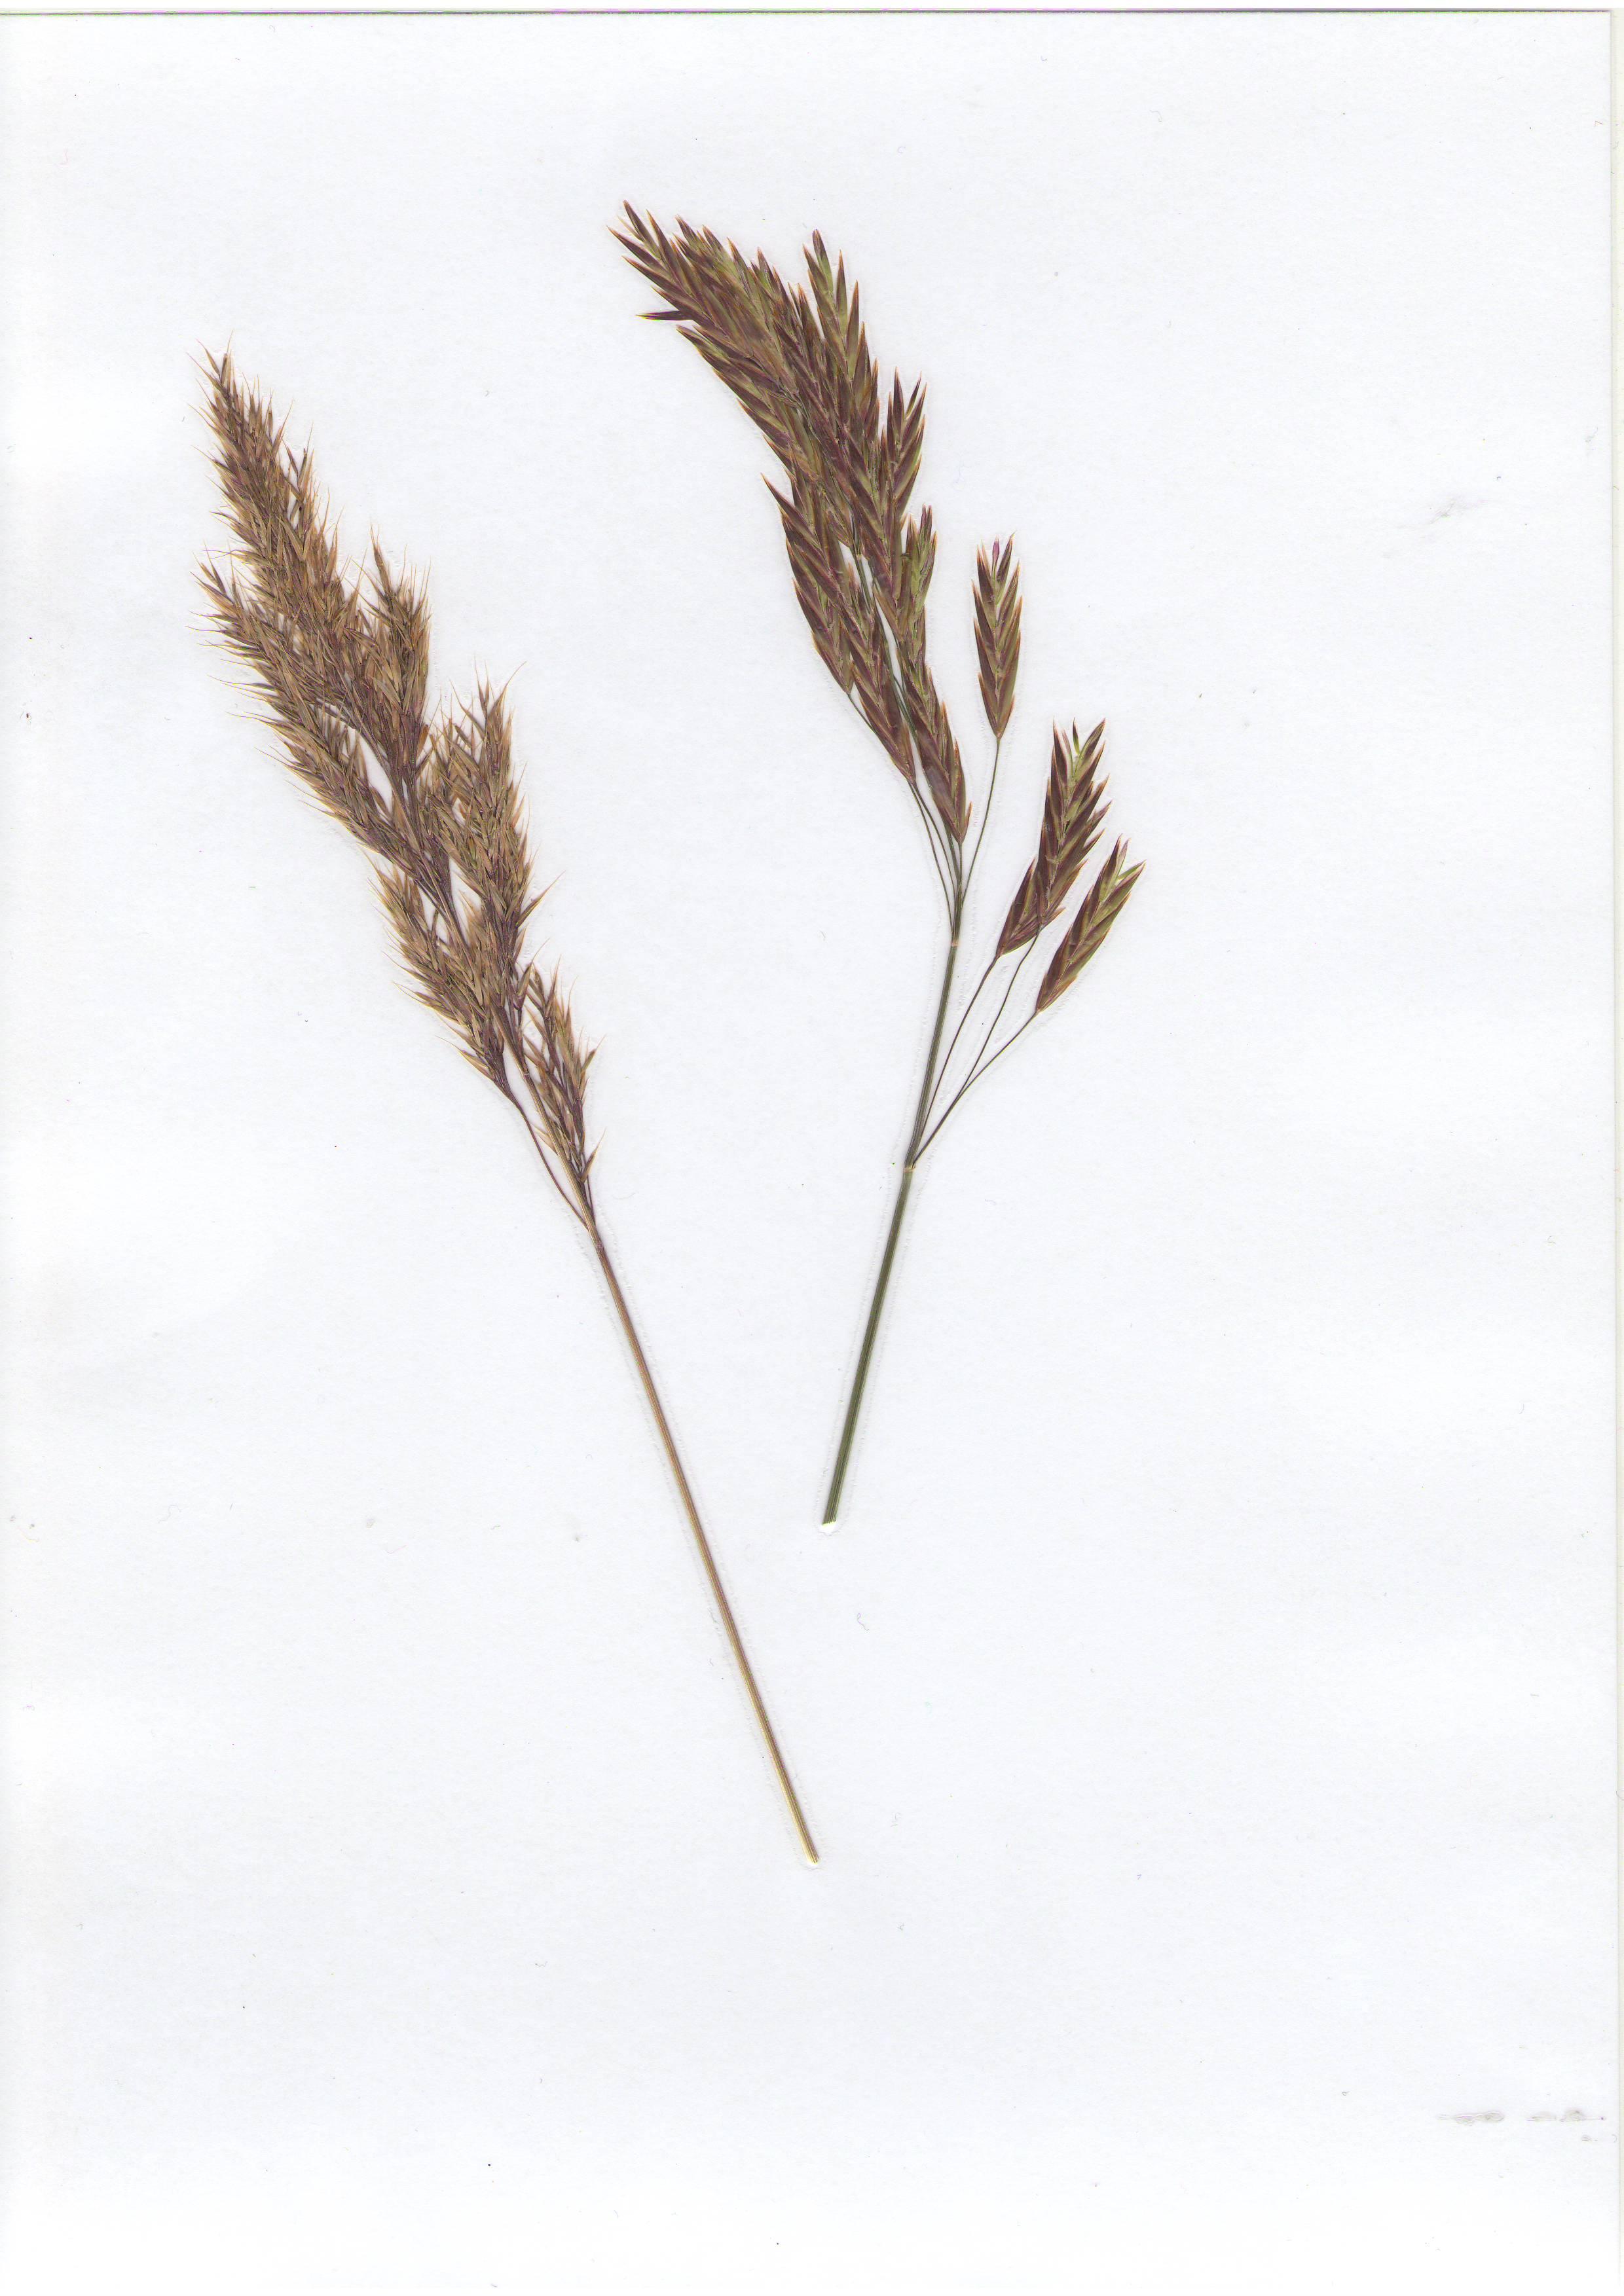 �ейник наземн�й Calamagrostis epigejos